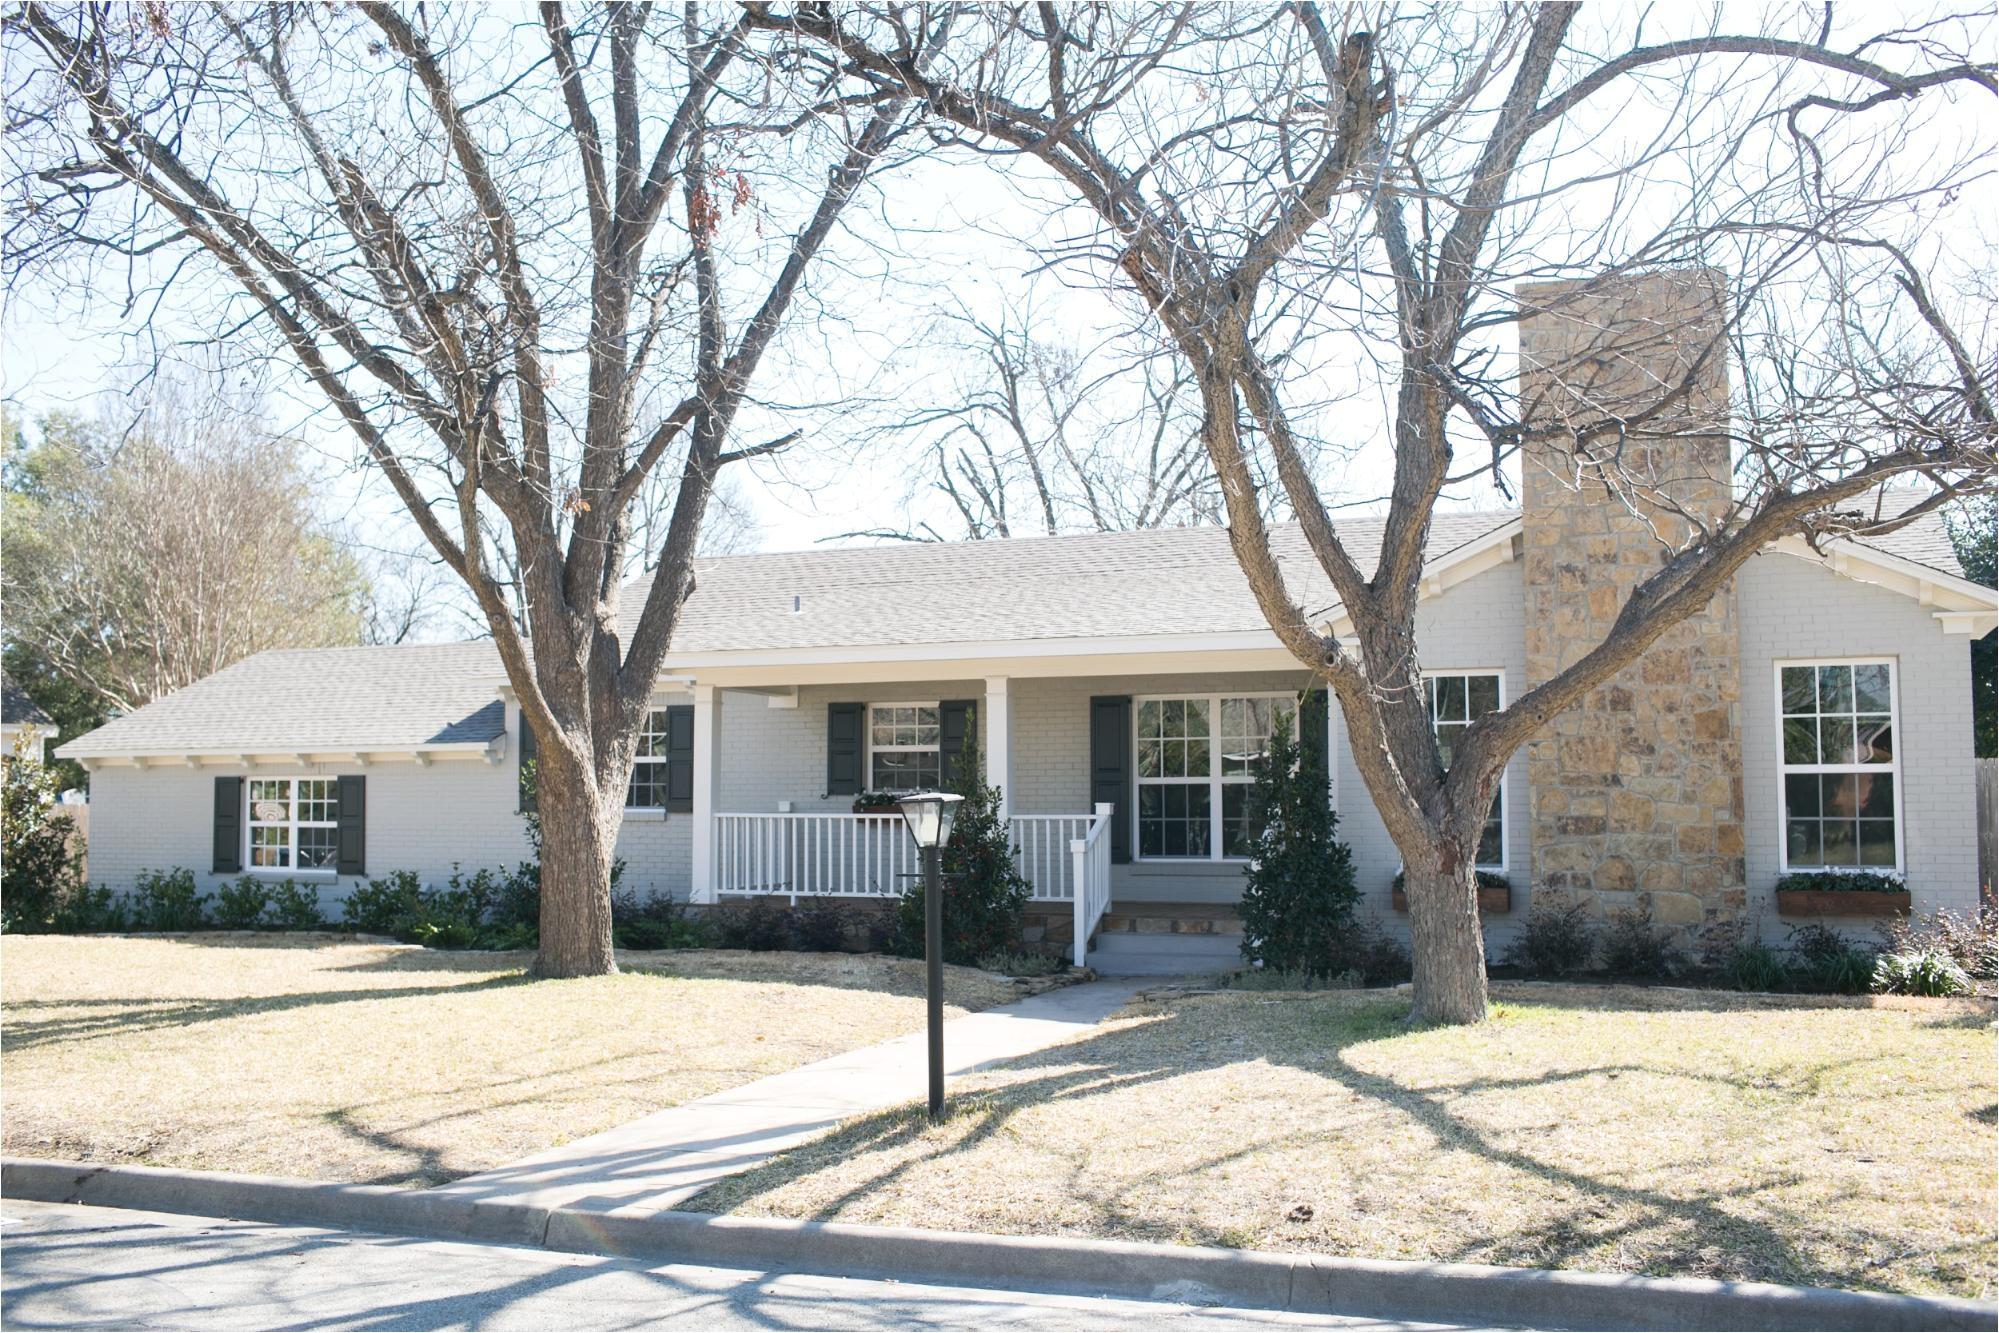 3 Bedroom Houses For Rent In Waco Tx Fixer Upper Season 3 Episode 16